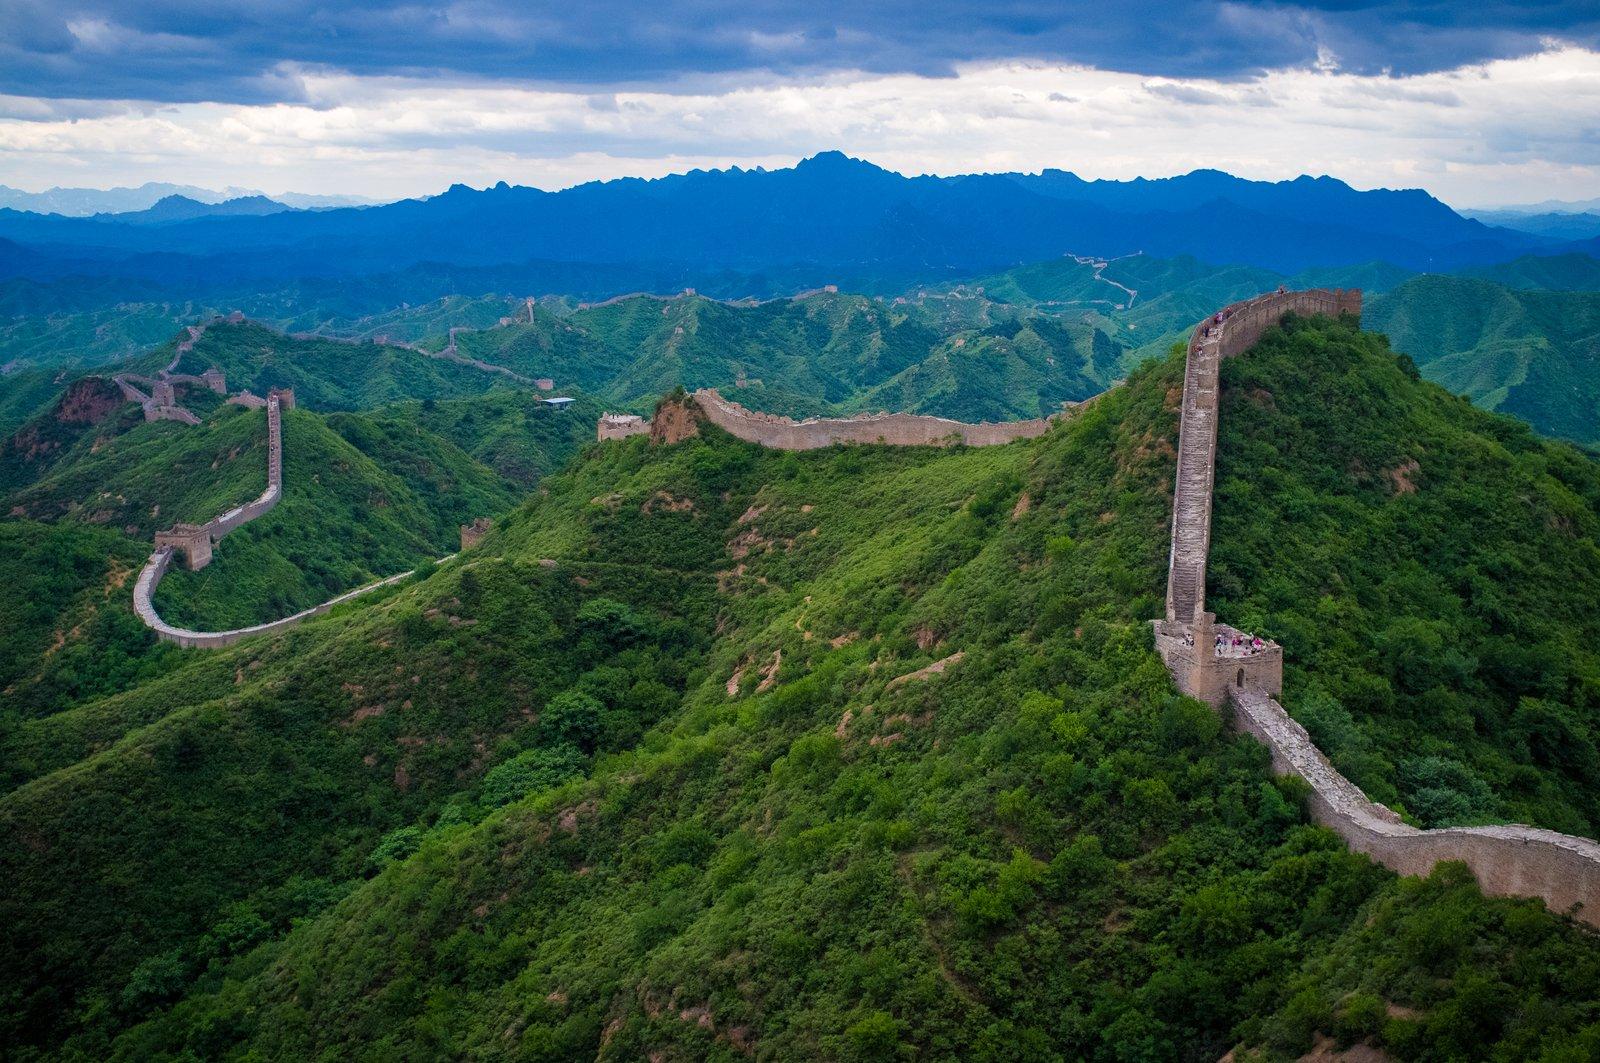 Fragment Wielkiego Muru Chińskiego.Umocnienia liczące kilka tysięcy kilometrów zostały zbudowane wzdłuż granicy państwa chińskiego. Fragment Wielkiego Muru Chińskiego.Umocnienia liczące kilka tysięcy kilometrów zostały zbudowane wzdłuż granicy państwa chińskiego. Źródło: Severin.stalder, Wikimedia Commons, licencja: CC BY-SA 3.0.